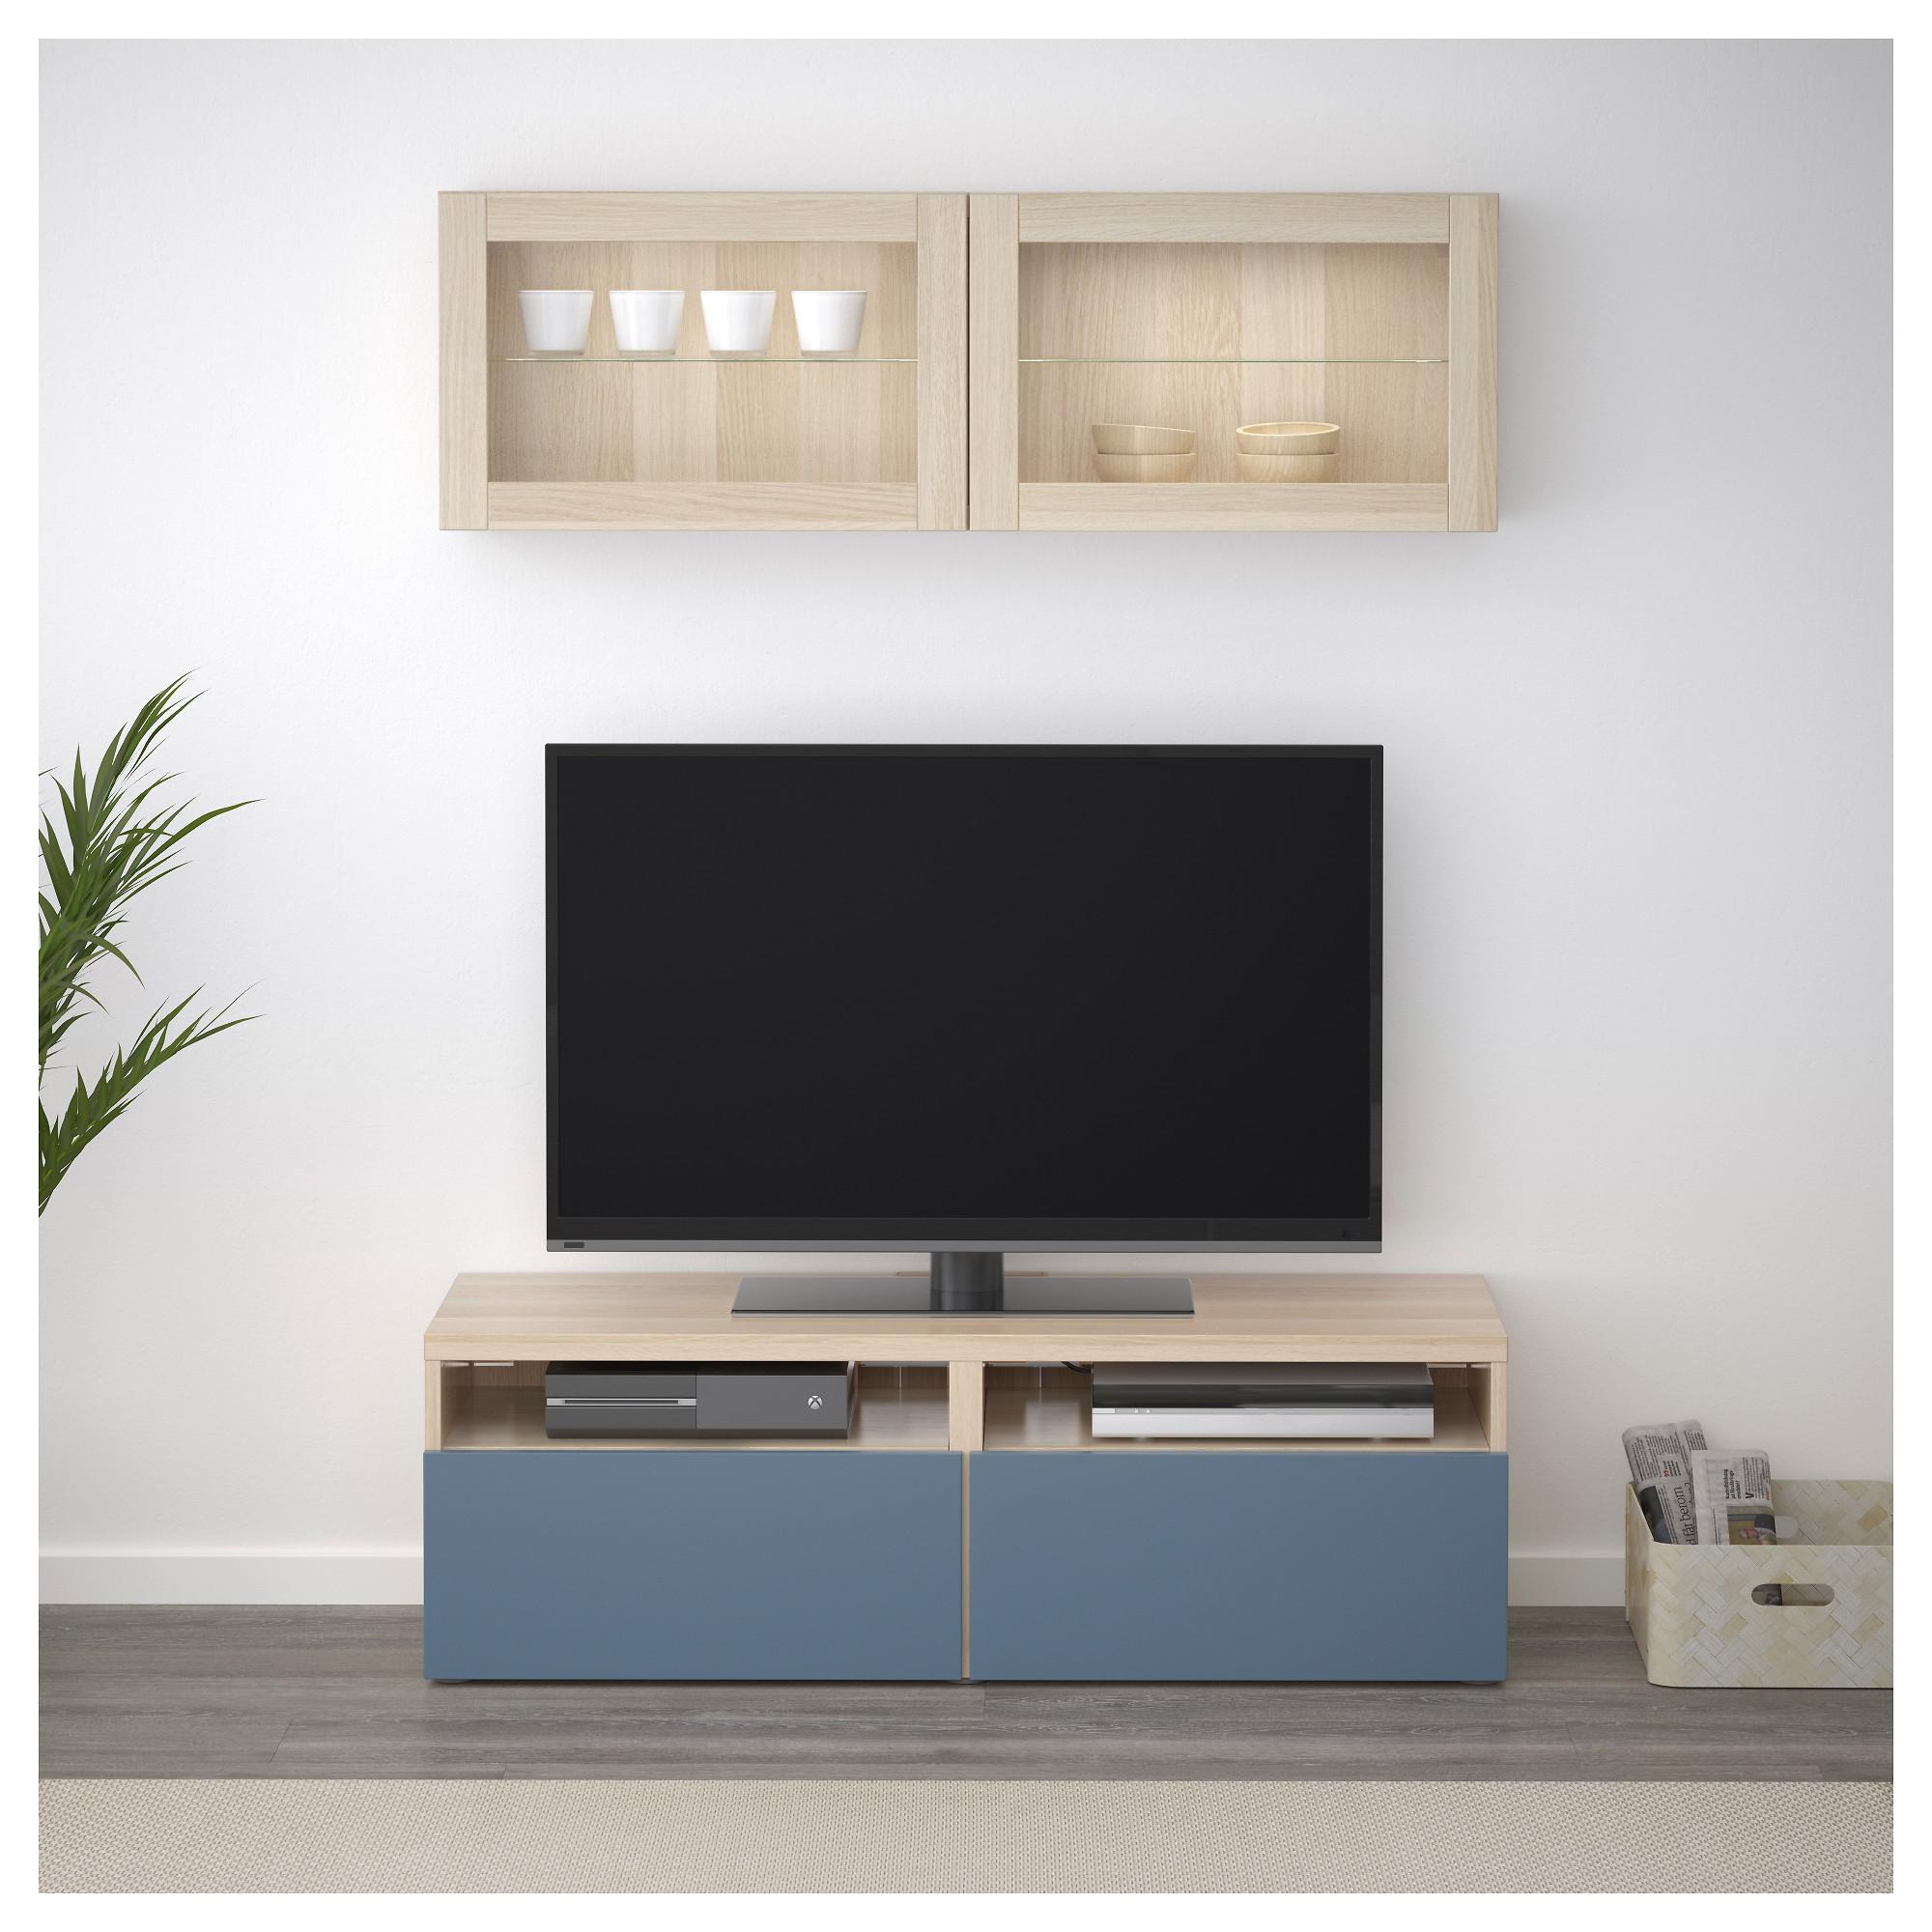 Шкаф для ТВ, комбинированный, стекляные дверцы БЕСТО темно-синий артикуль № 992.505.04 в наличии. Онлайн каталог IKEA РБ. Недорогая доставка и установка.